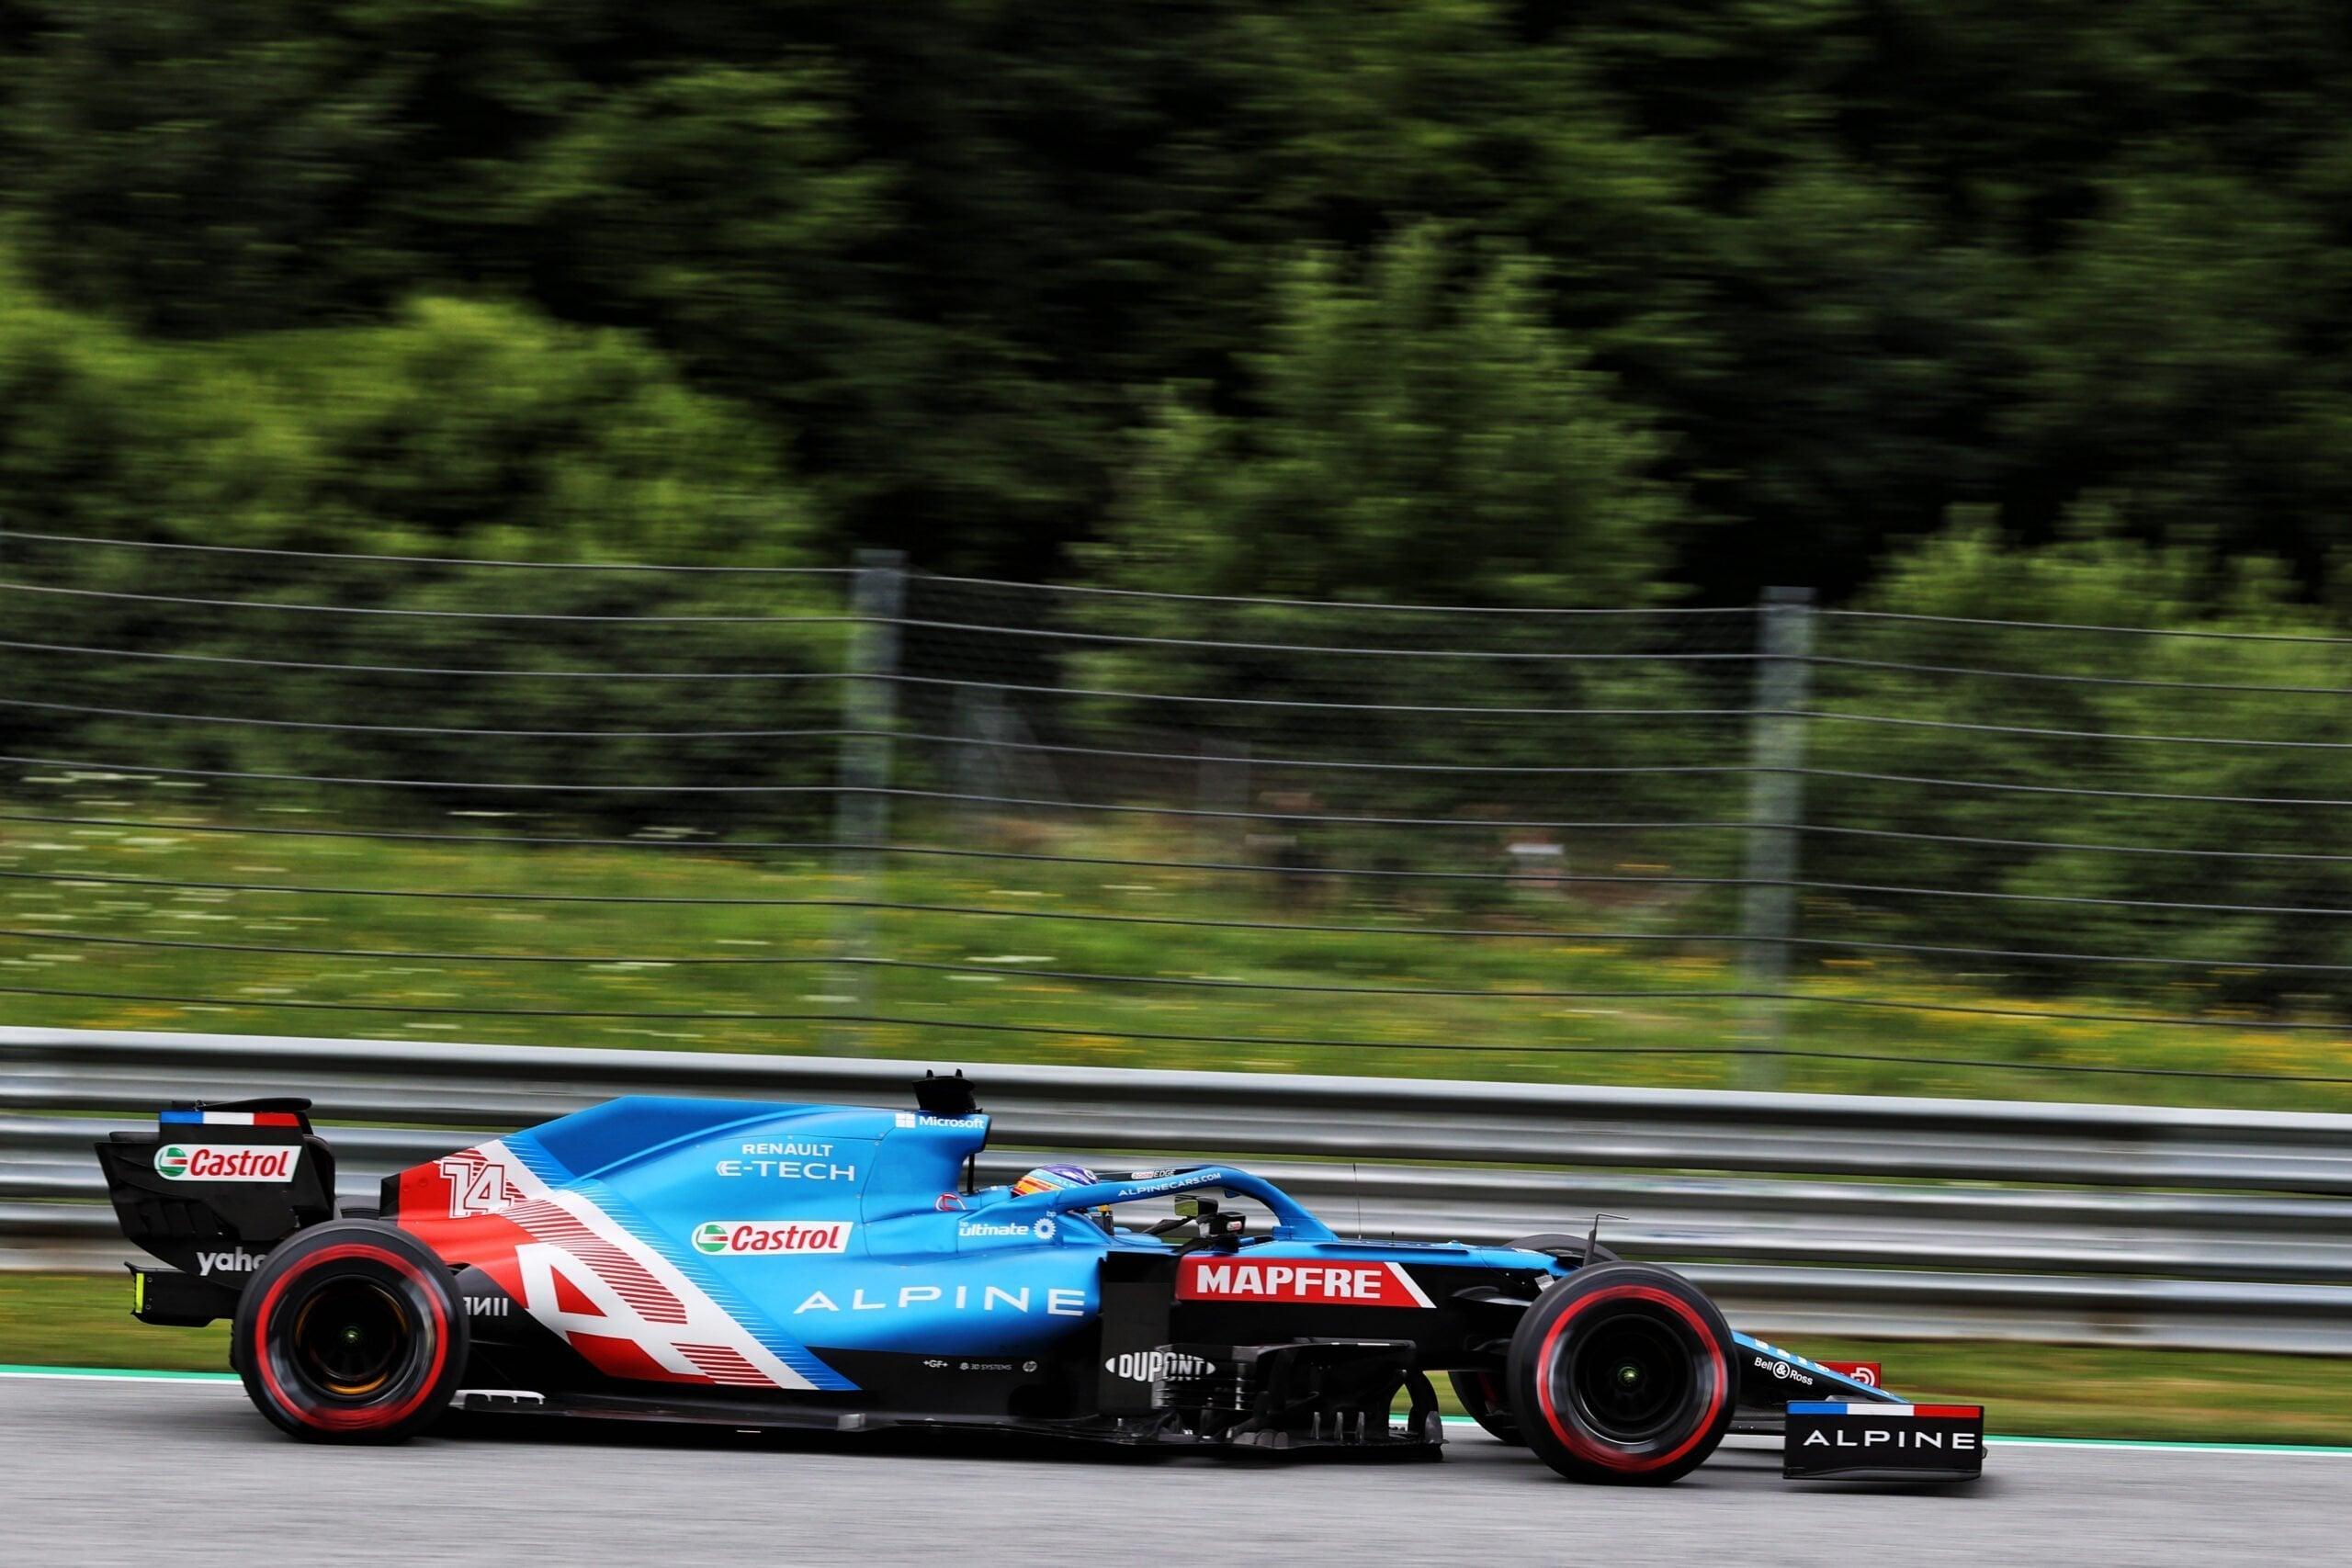 Alpine F1 Alonso Ocon A521 GP Autriche Spielberg 2021 15 scaled | Alpine F1 : Alonso rapporte un point au Grand-Prix d'Autriche